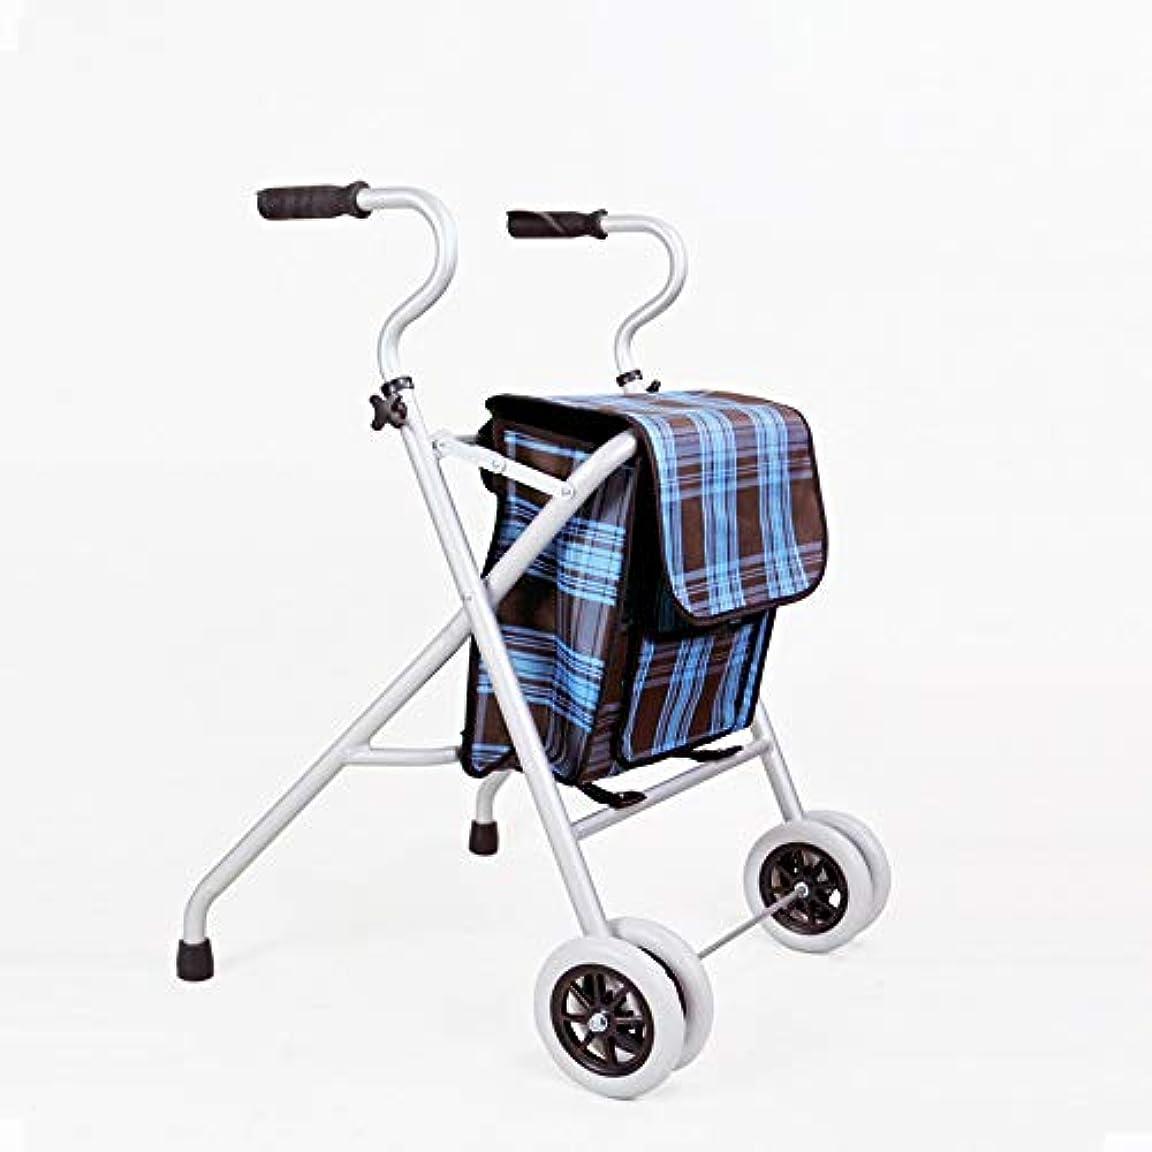 ベイビー修道院世代キャリーバッグ付き軽量アルミニウム折りたたみ式歩行器、高さ調節可能、移動補助具